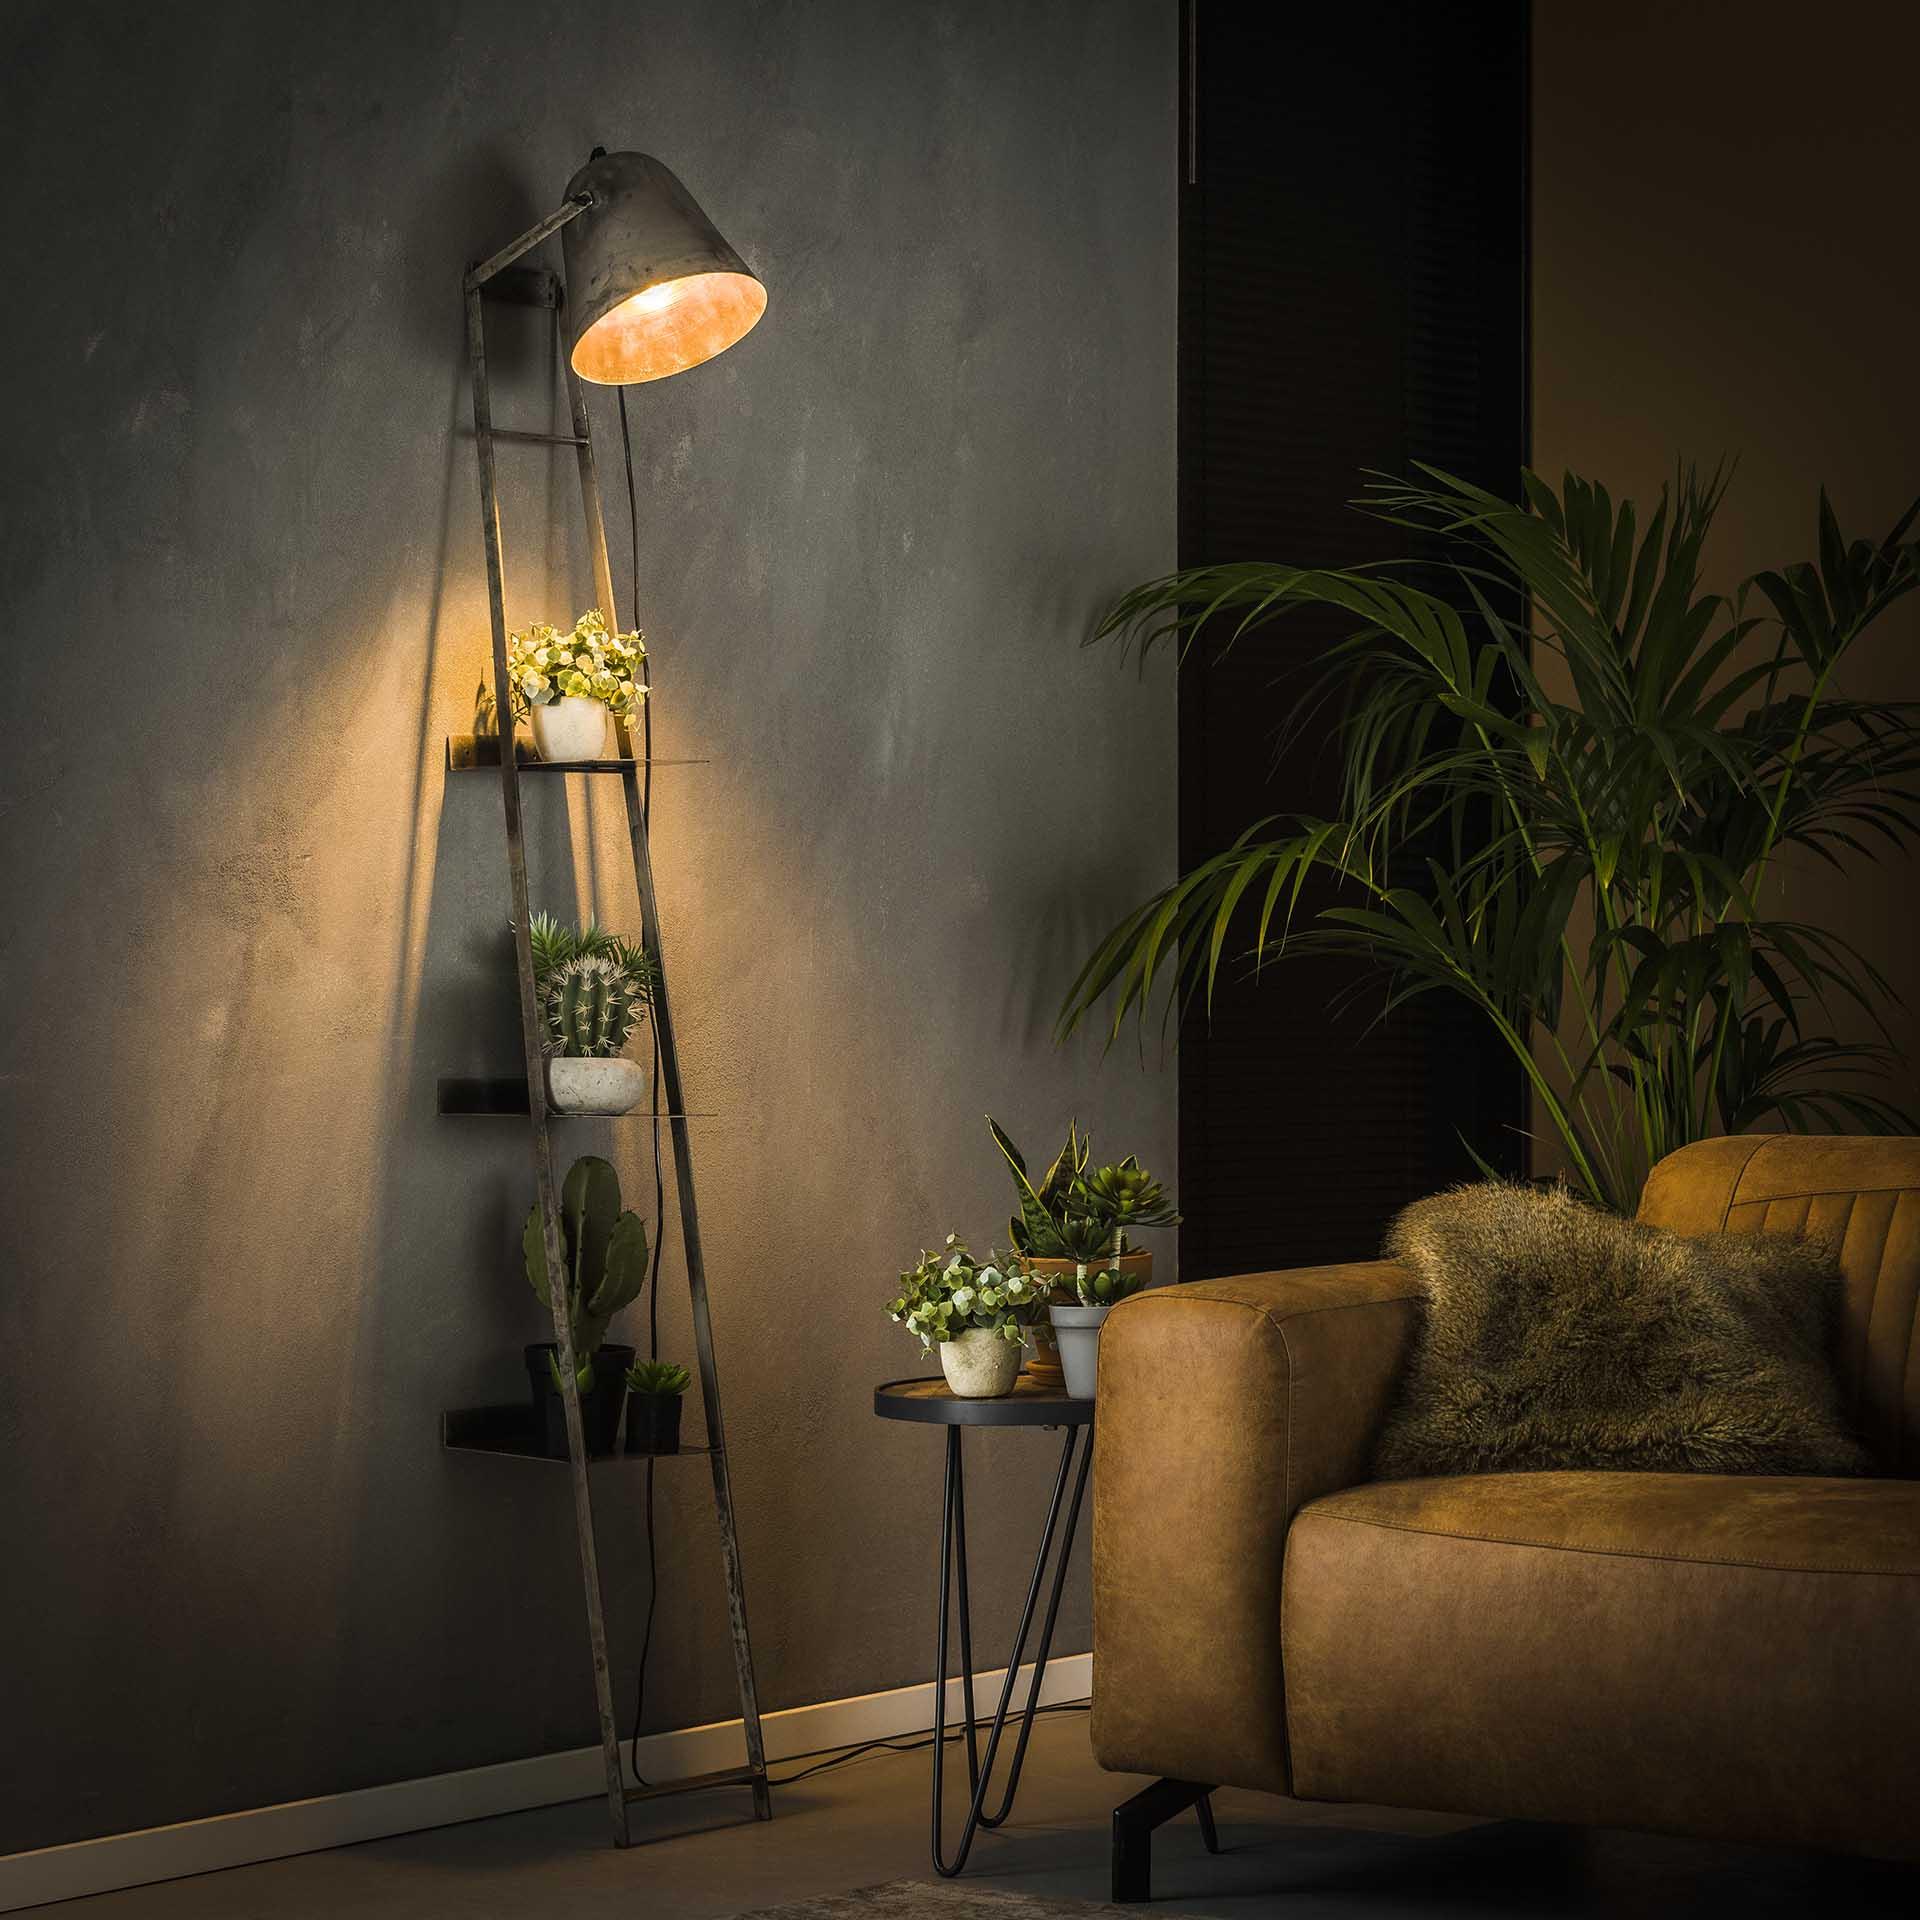 Stehlampe - Vintageshelve - Lampe und/oder Regal